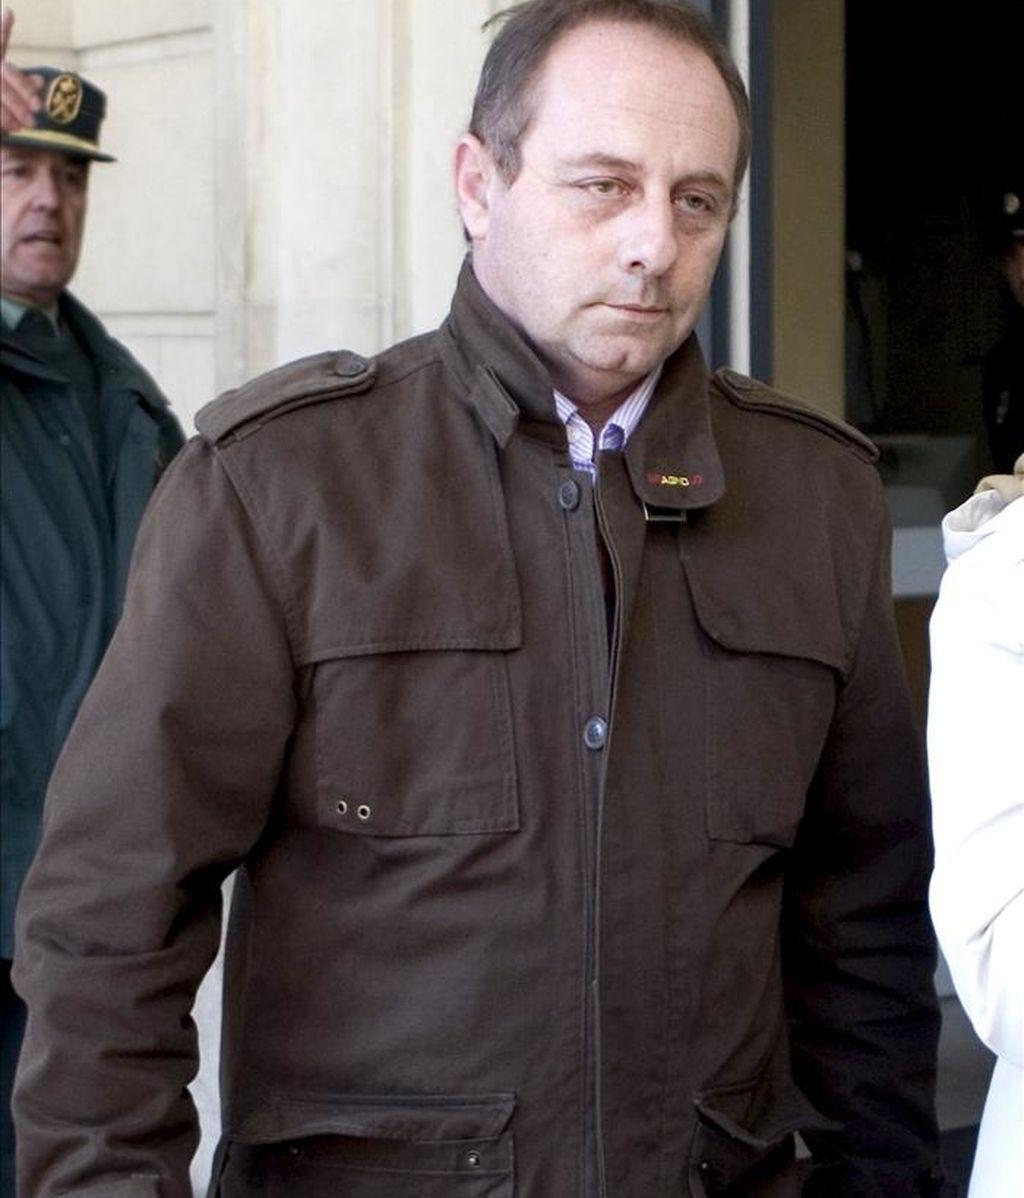 Antonio del Castillo, padre de Marta, saliendo de la Audiencia de Sevilla. EFE/Archivo